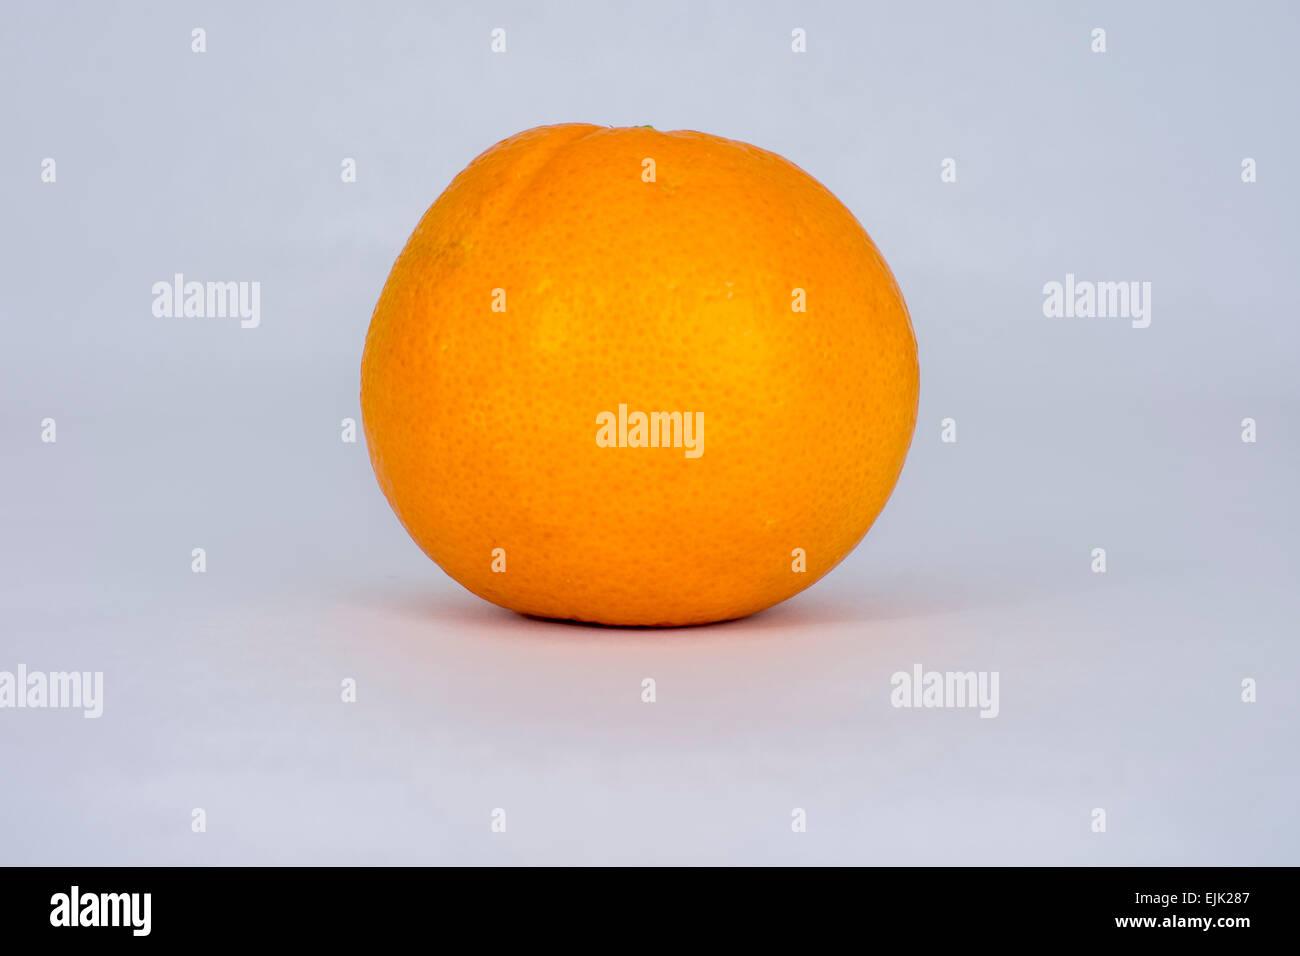 single orange on a white background - Stock Image